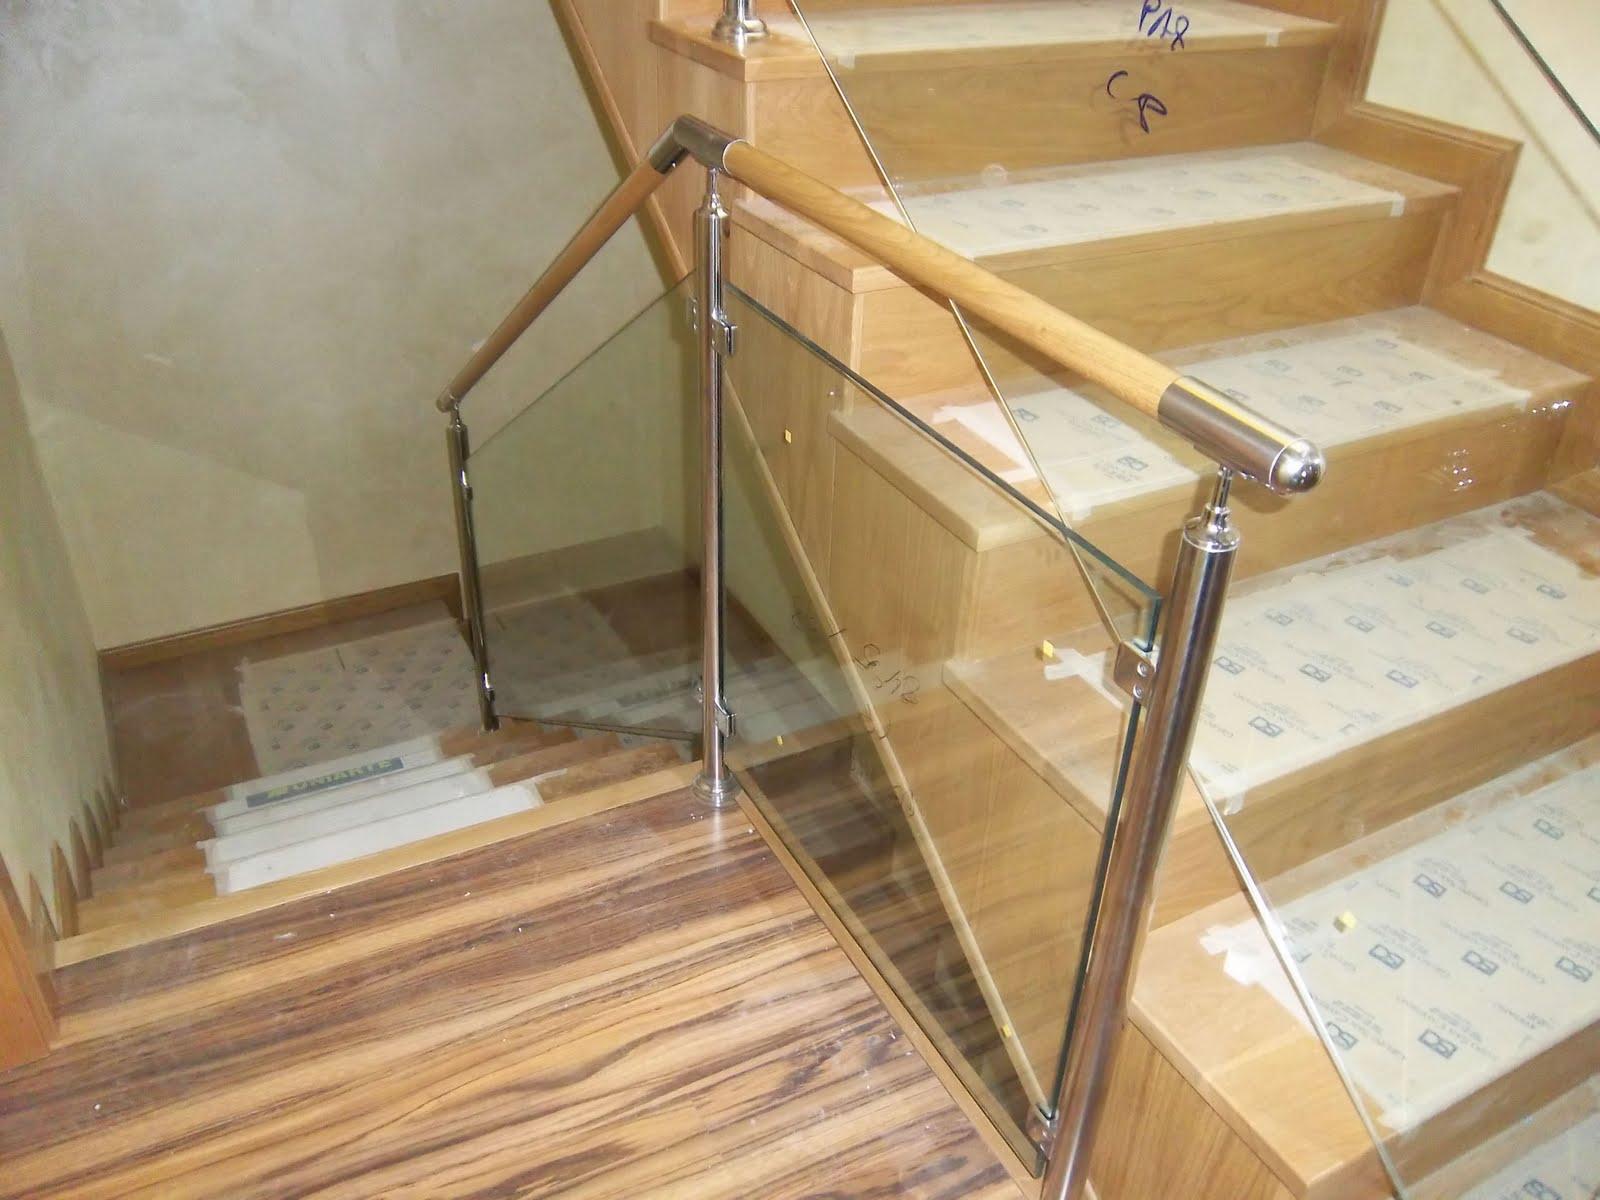 Norbel carpinteria met lica y acero inoxidable barandilla de inox cristal y pasamanos de madera - Pasamanos de cristal ...